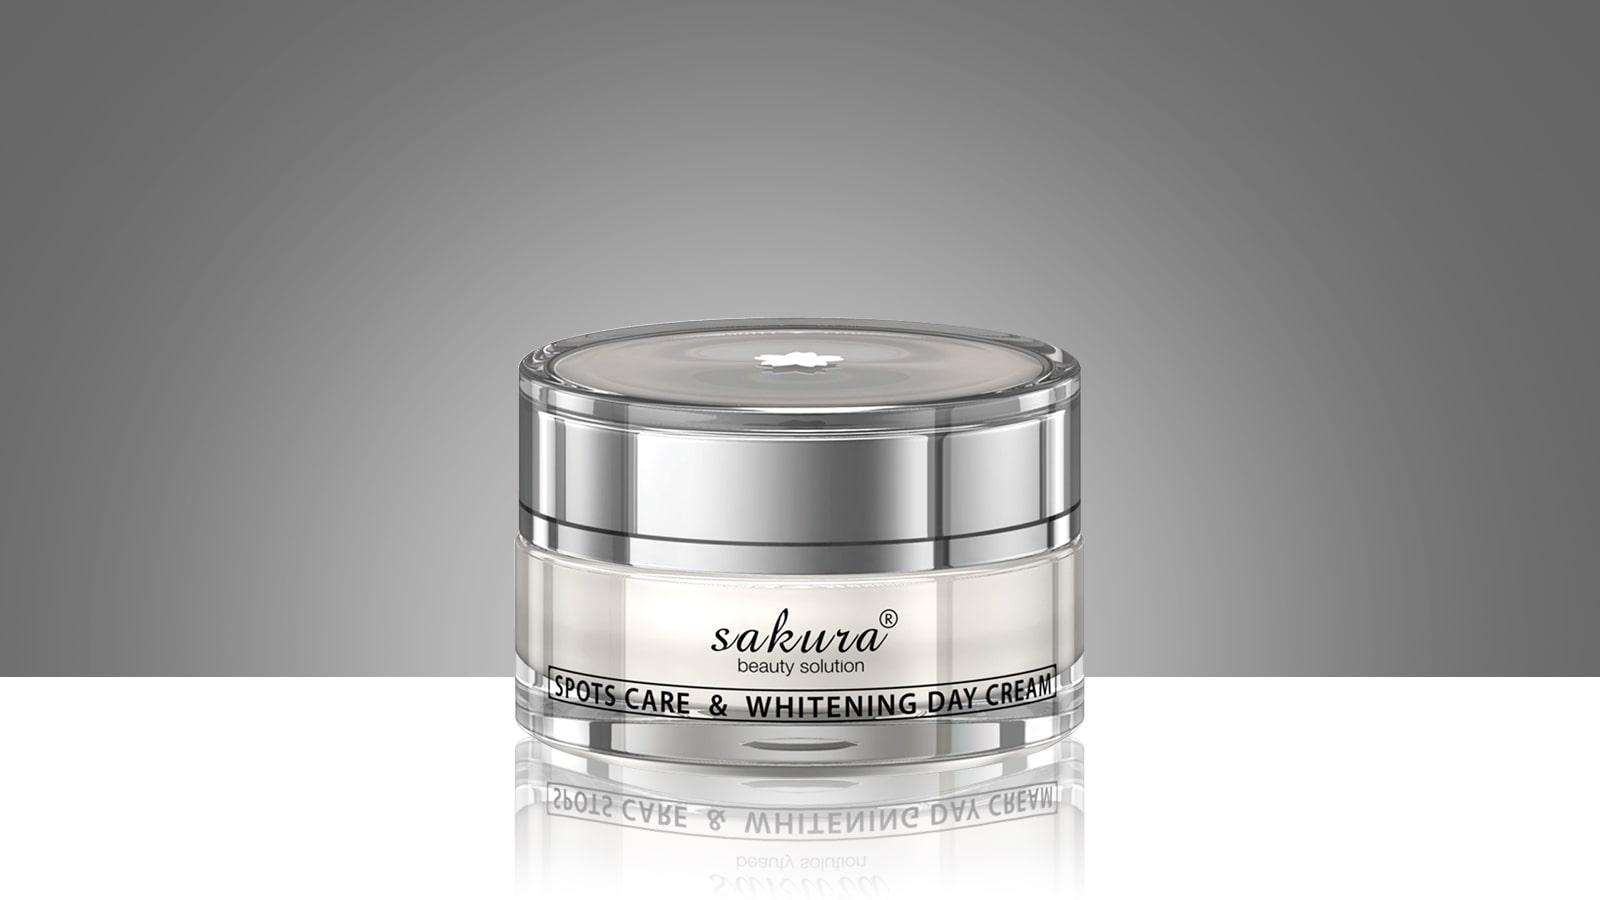 Kem dưỡng trắng da trị nám ban ngày Sakura Spot Care & Whitening Day Cream 30g